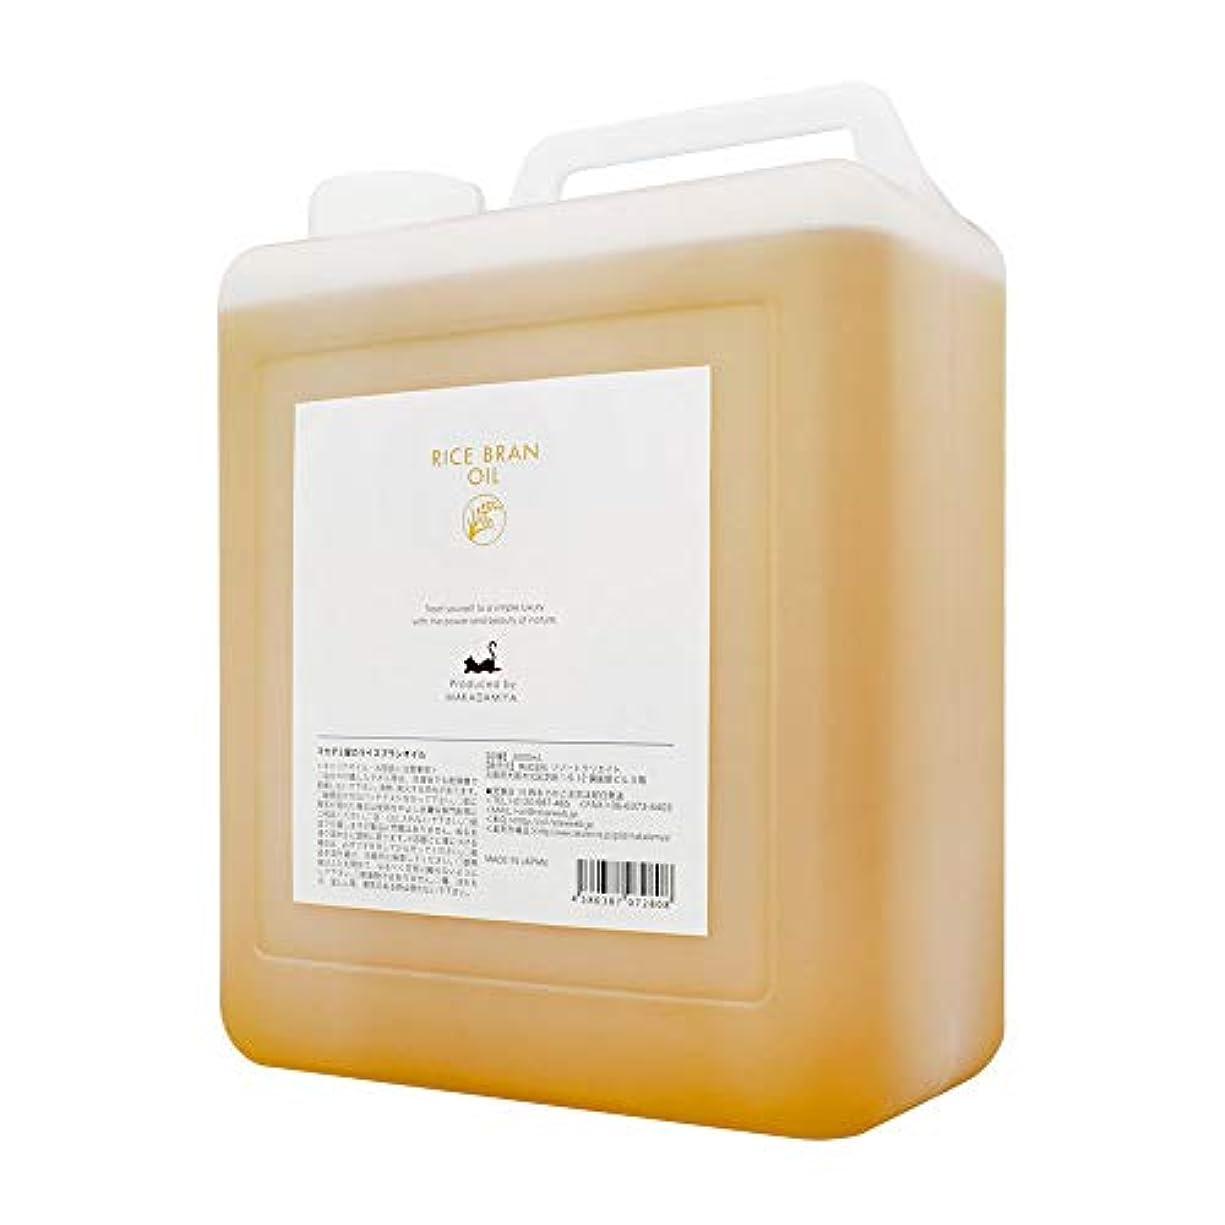 トランペットええハーフライスブランオイル3000ml (コック付) 天然100%無添加 安心の国内精製 業務用?大容量